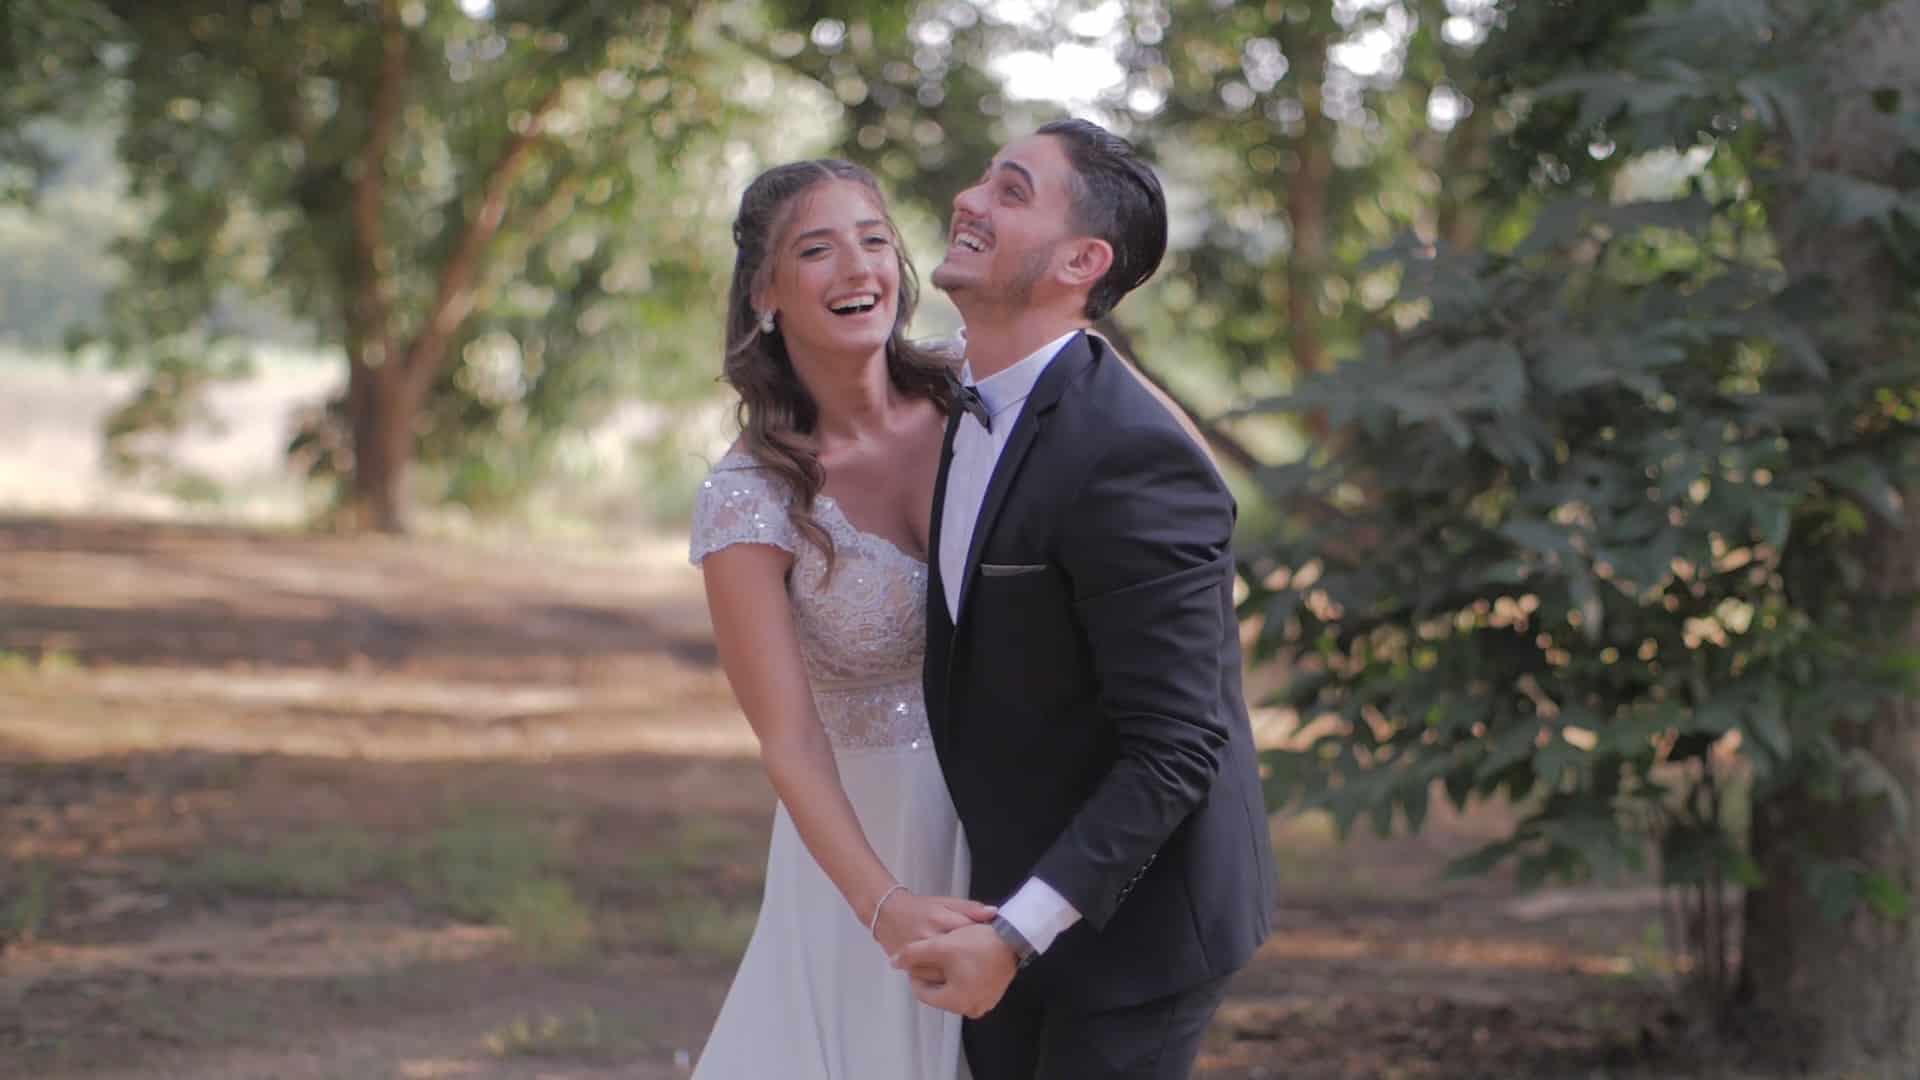 צלם וידאו לחתונה בשרון